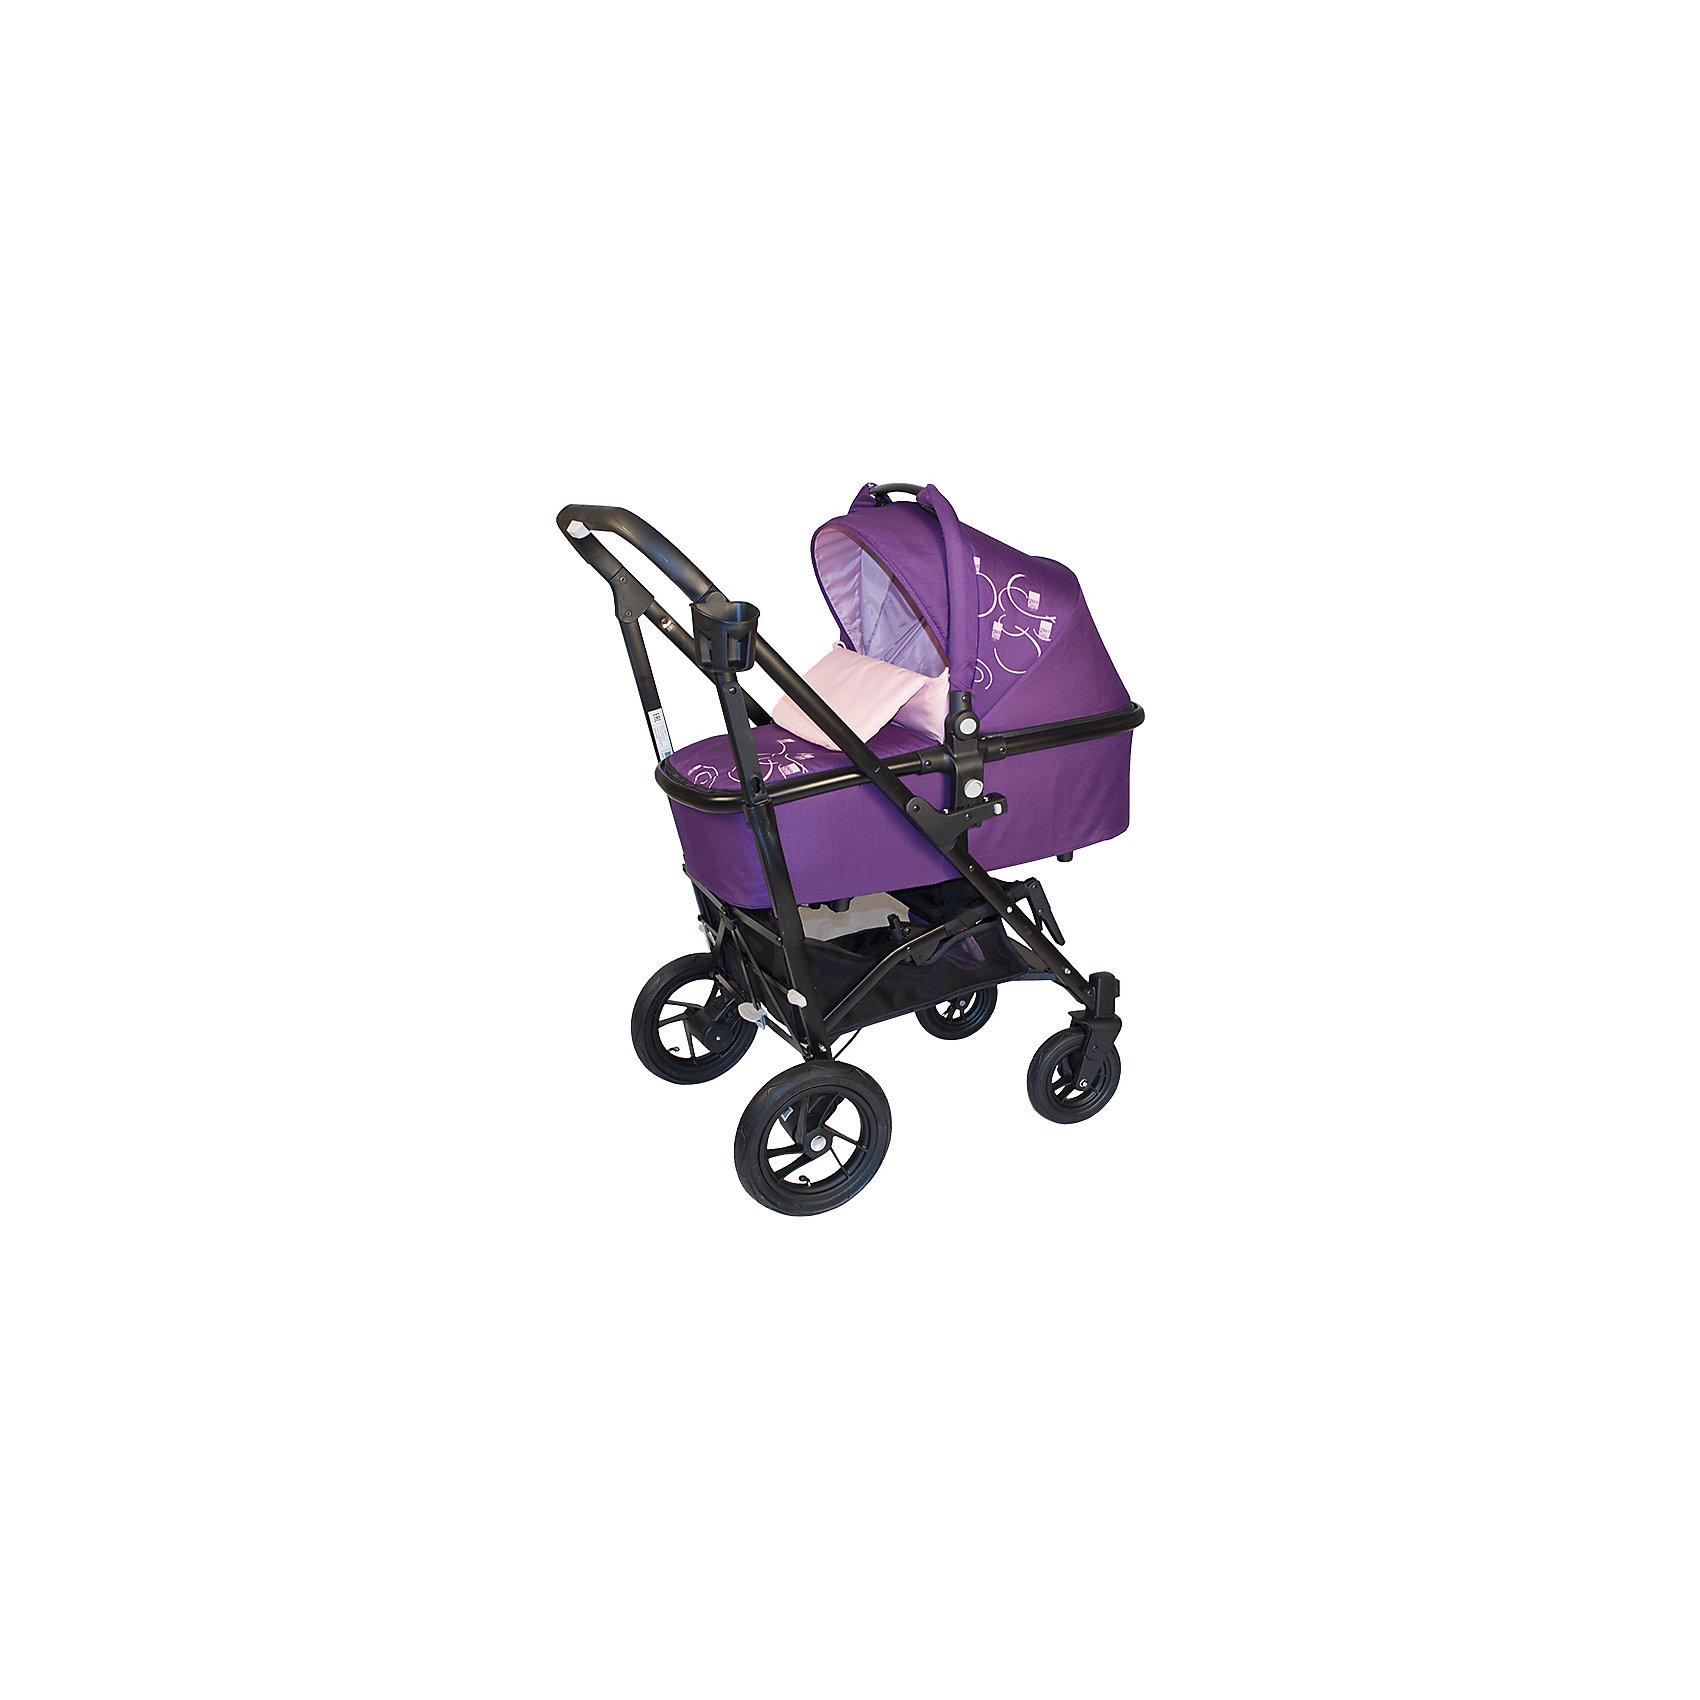 Коляска-трость BabyHit 2 в 1 DRIVE 2, фиолетовыйКоляски 2 в 1<br>Универсальная модульная коляска Babyhit Drive2 <br><br>Коляска Drive представляет собой уникальное сочетание рамы с механизмом складывания по типу коляски-трости с надувными резиновыми колесами.<br>Основа коляски BabyHit Drive - это современная алюминиевая рама, которая обеспечивает достаточную легкость коляски при сохранении прочности конструкции. Механизм складывания коляски выполнен как у обычной коляски-трость, когда колеса при складывании разъезжаются в разные стороны. Такое складывание обеспечивает наиболее компактные размеры коляски в сложенном виде. Благодаря компактному типу складывания, коляска легко помещается в багажник автомобиля и не займет много места даже в небольшом помещении <br><br><br>Характеристика:<br><br>Люлька с ручкой переноской (размер спального места 75 х 34 см)<br>Рама складывается как коляска-трость<br>Капюшон «батискаф» на прогулочном сиденье и люльке<br>Съемный поручень прогулочного сидения<br>Регулируемая спинка прогулочного блока (положение «лежа»)<br>Колеса надувные: диаметр передних 18 см, диаметр задних 25 см<br>Передние поворотные колеса с фиксацией в положении «прямо»<br>Система амортизации на всех колесах<br>Багажная корзина<br>В комплекте:<br>2 полога, москитная сетка, дождевик, подстаканник, насос.<br><br>Вес коляски с прогулочным блоком: 11 кг<br>Вес коляски с люлькой: 13,5 кг<br><br>Ширина мм: 460<br>Глубина мм: 255<br>Высота мм: 970<br>Вес г: 17300<br>Возраст от месяцев: 0<br>Возраст до месяцев: 36<br>Пол: Унисекс<br>Возраст: Детский<br>SKU: 4703029